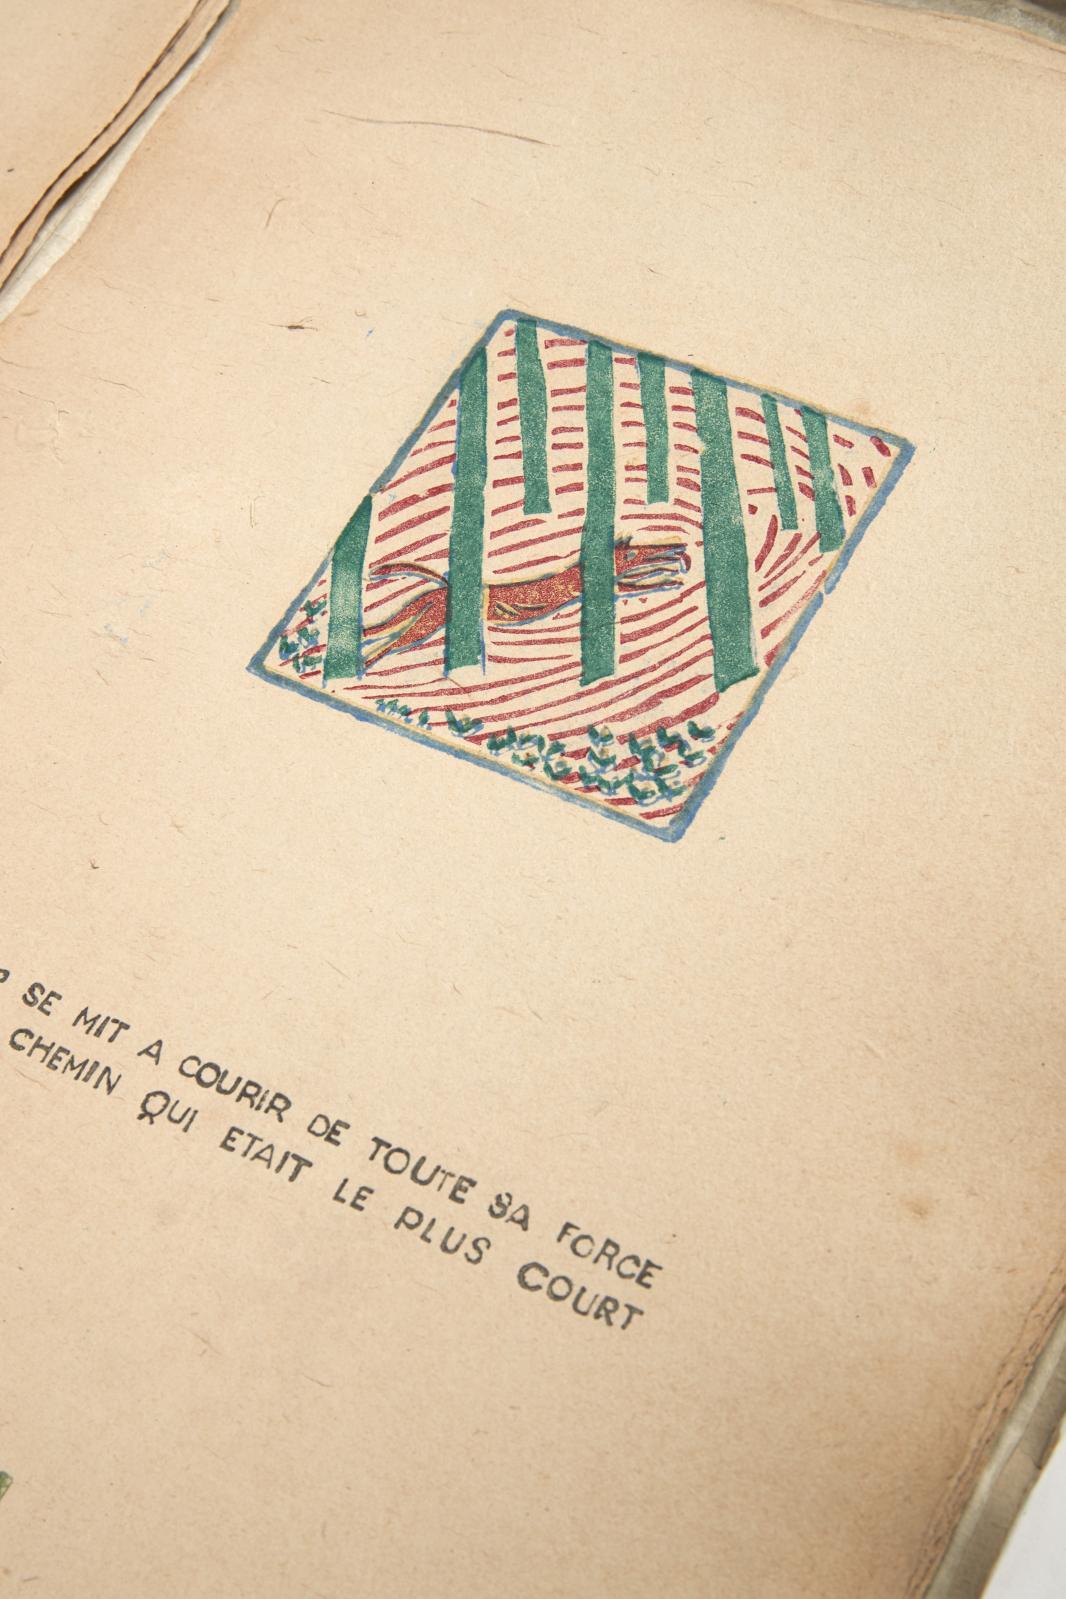 Charles Perrault (1628-1703) Edgard Tytgat (1879-1957). Le Petit Chaperon rouge, Londres, 1917. Exemplaire de la première édition, d'un tirage à 15, g